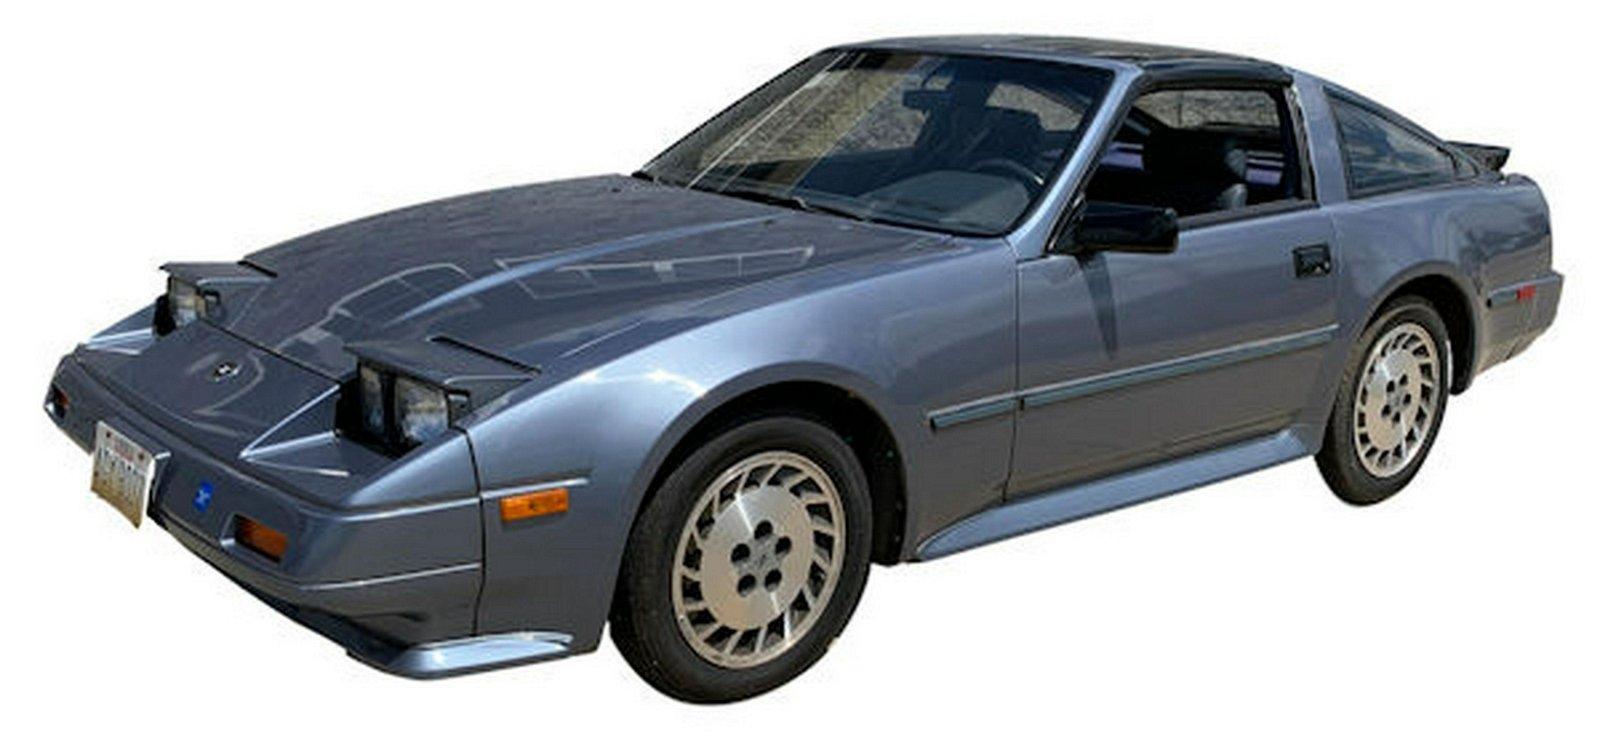 1986 NISSAN MODEL 300X COUPE 109,676 ACTUAL MILES, VIN